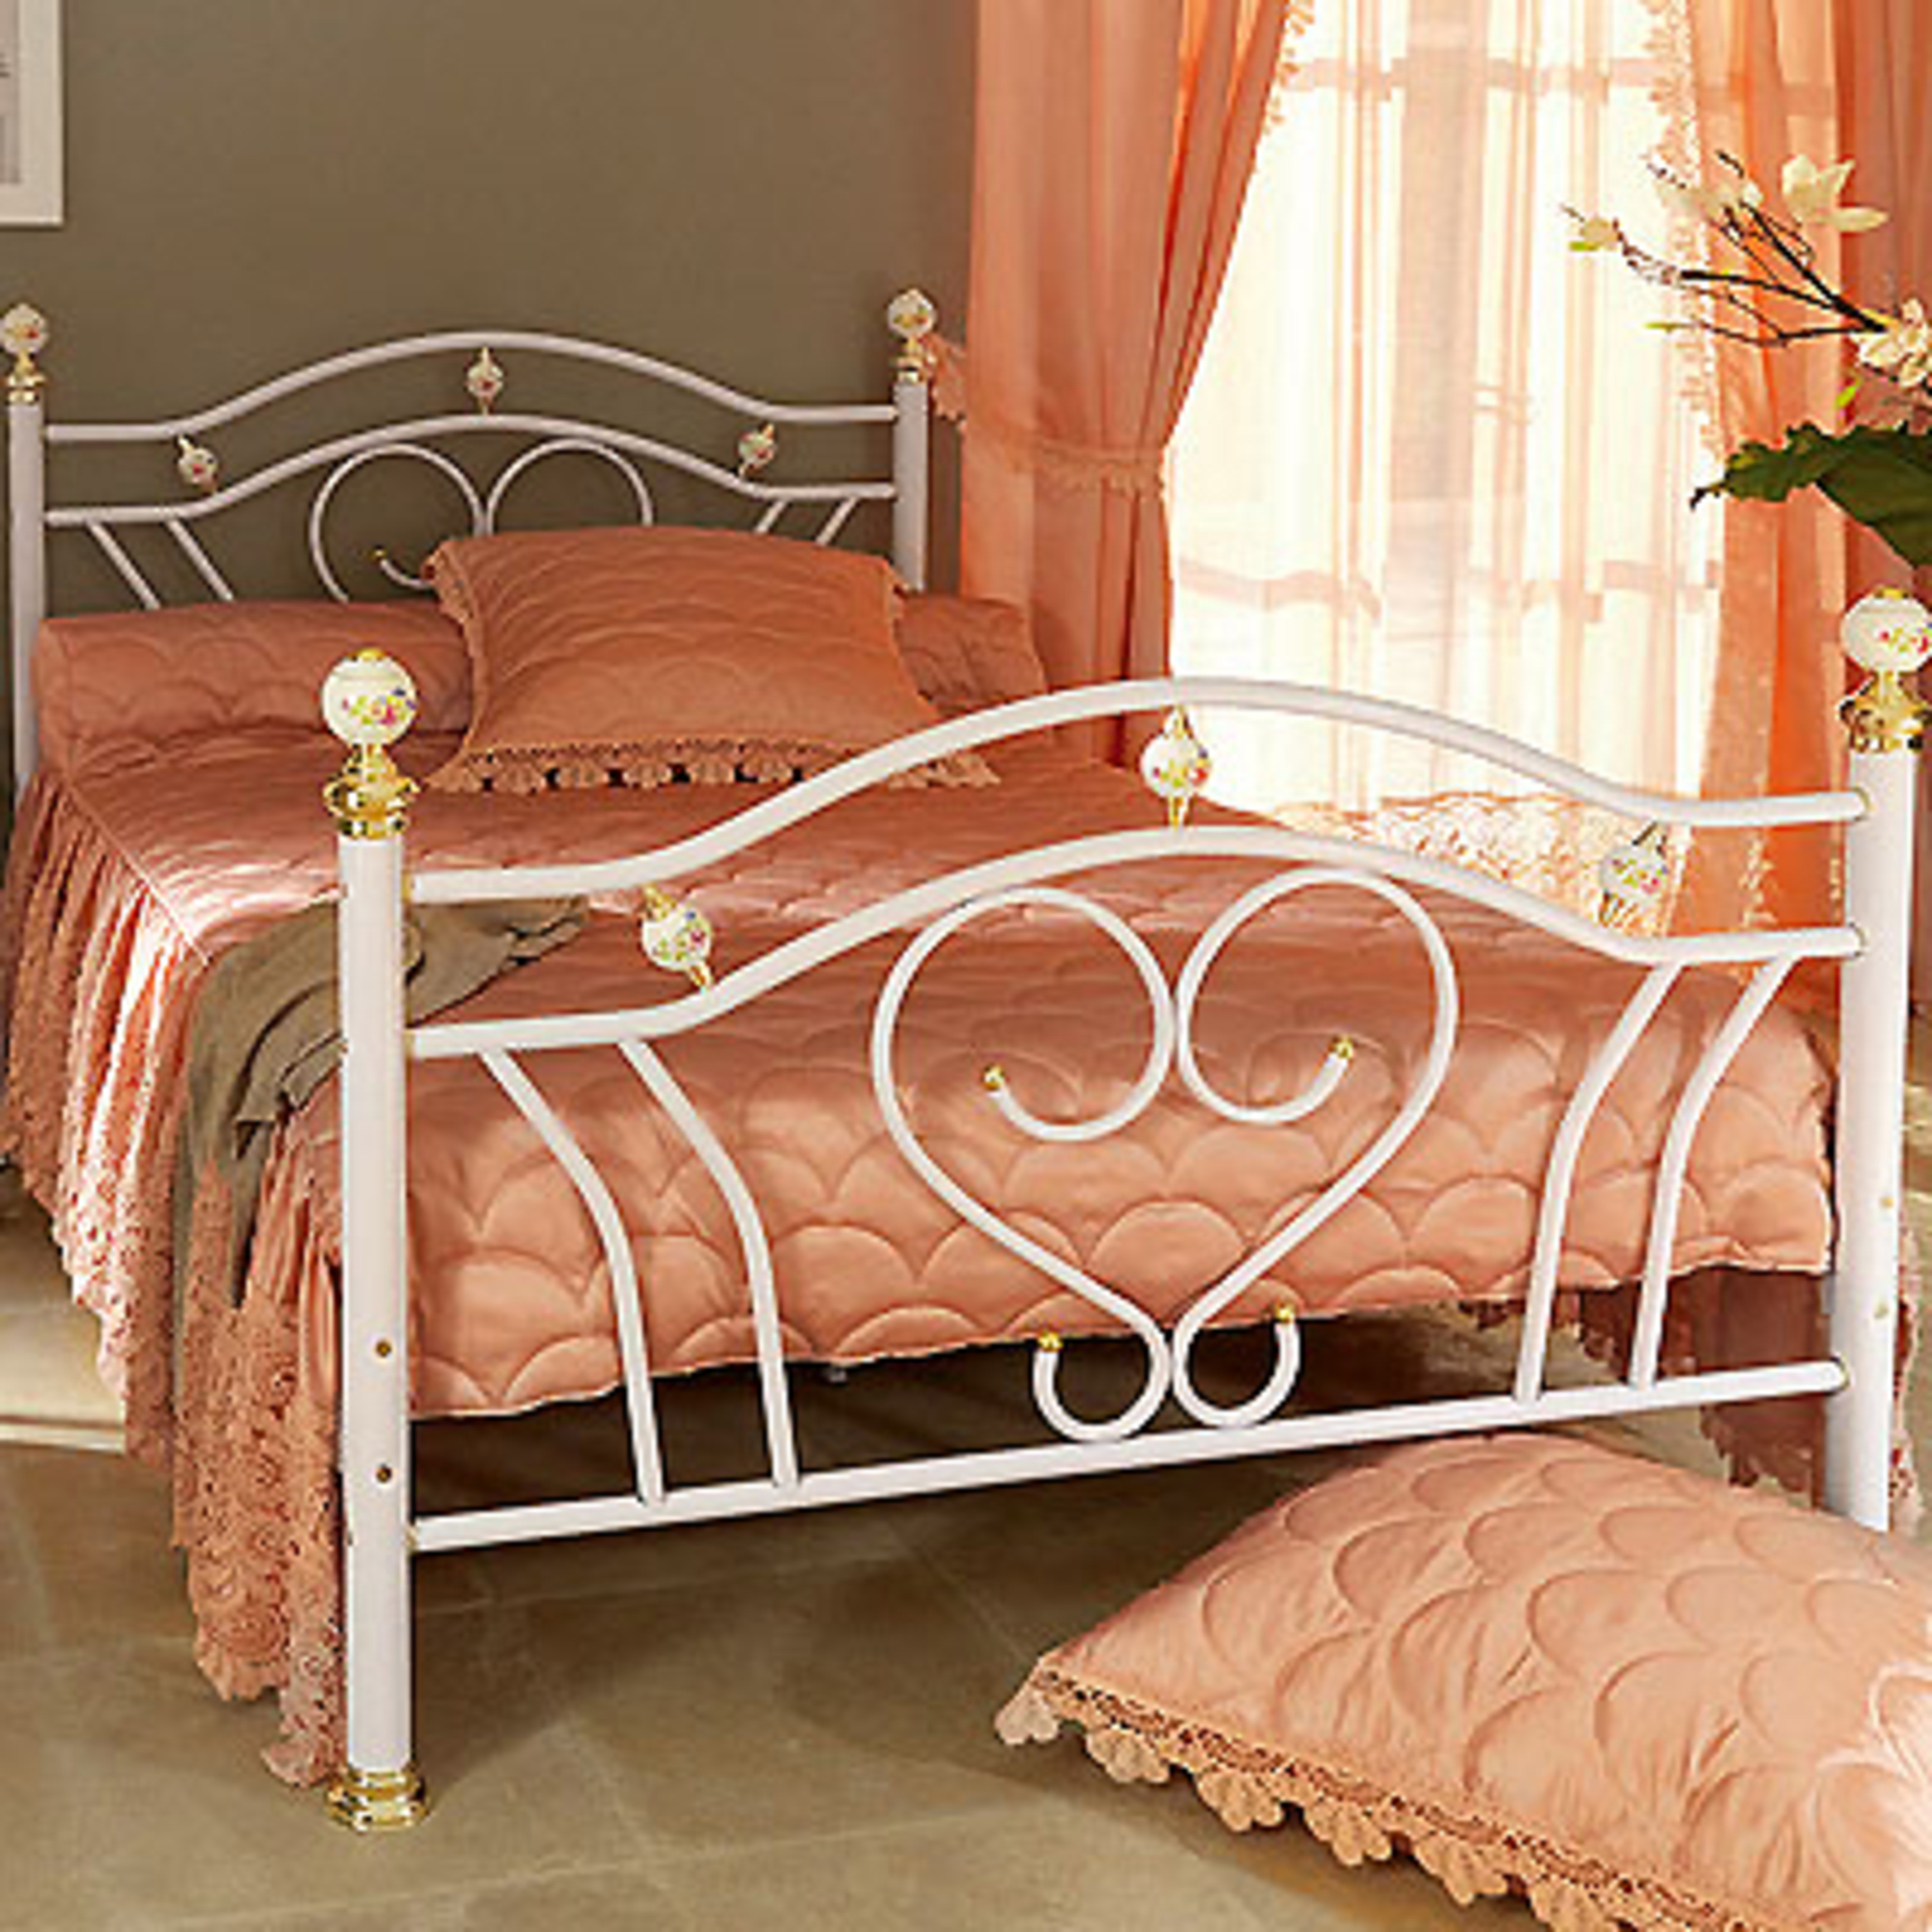 couvre lit satin 3 volants Couvre lit 2 pers 2 volants isabella   rose   frais de traitement  couvre lit satin 3 volants